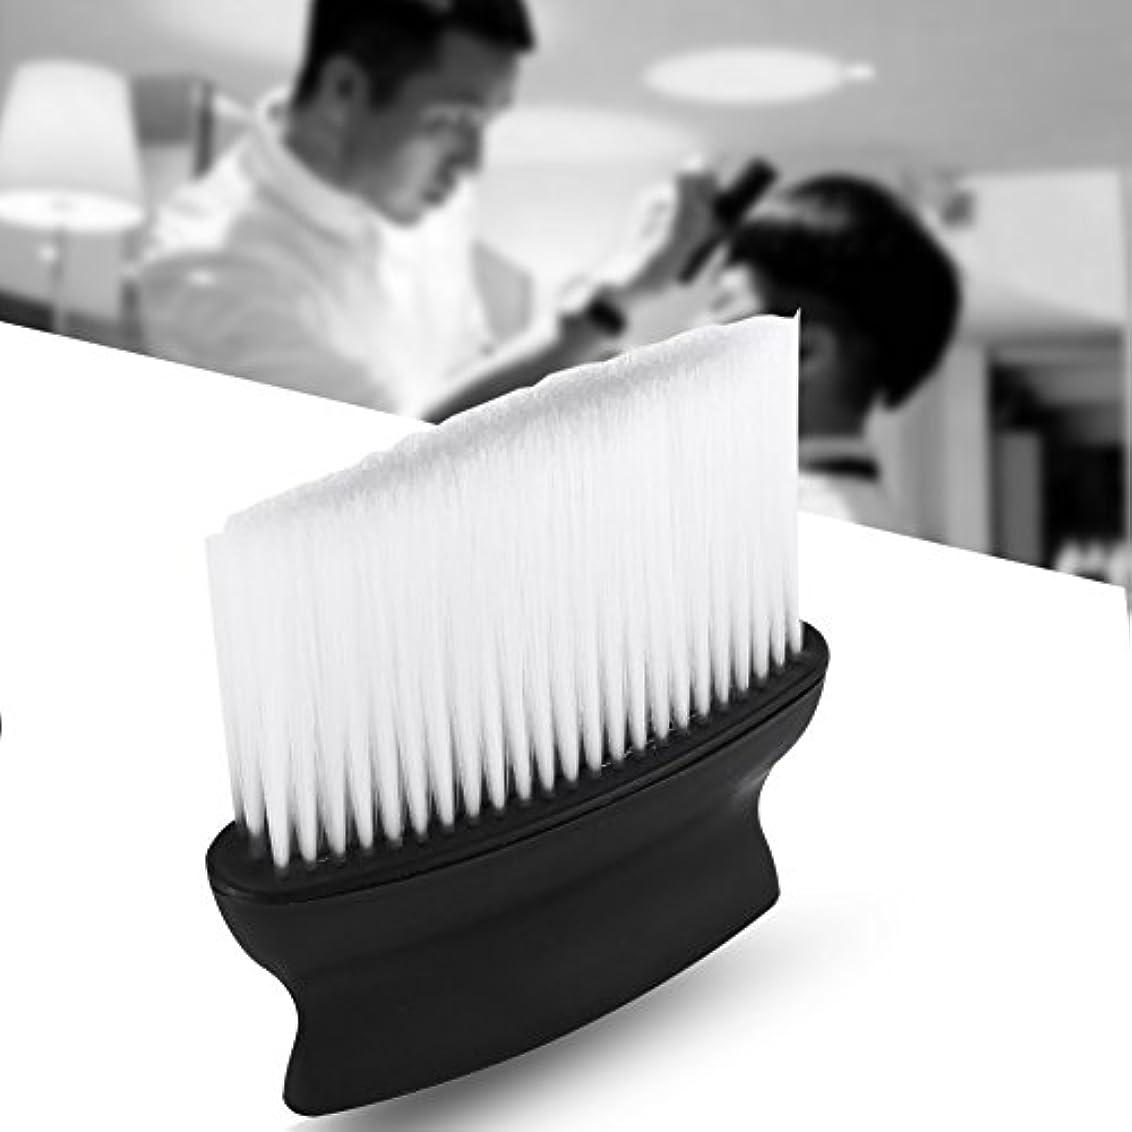 解読するホステルインドサロンブラシ 髪ブラシ 髪掃除 シェービングブラシ 理髪店 バッガーヘア シェービングブラシ 理髪師ヘアスタイリングスタイリストサロン